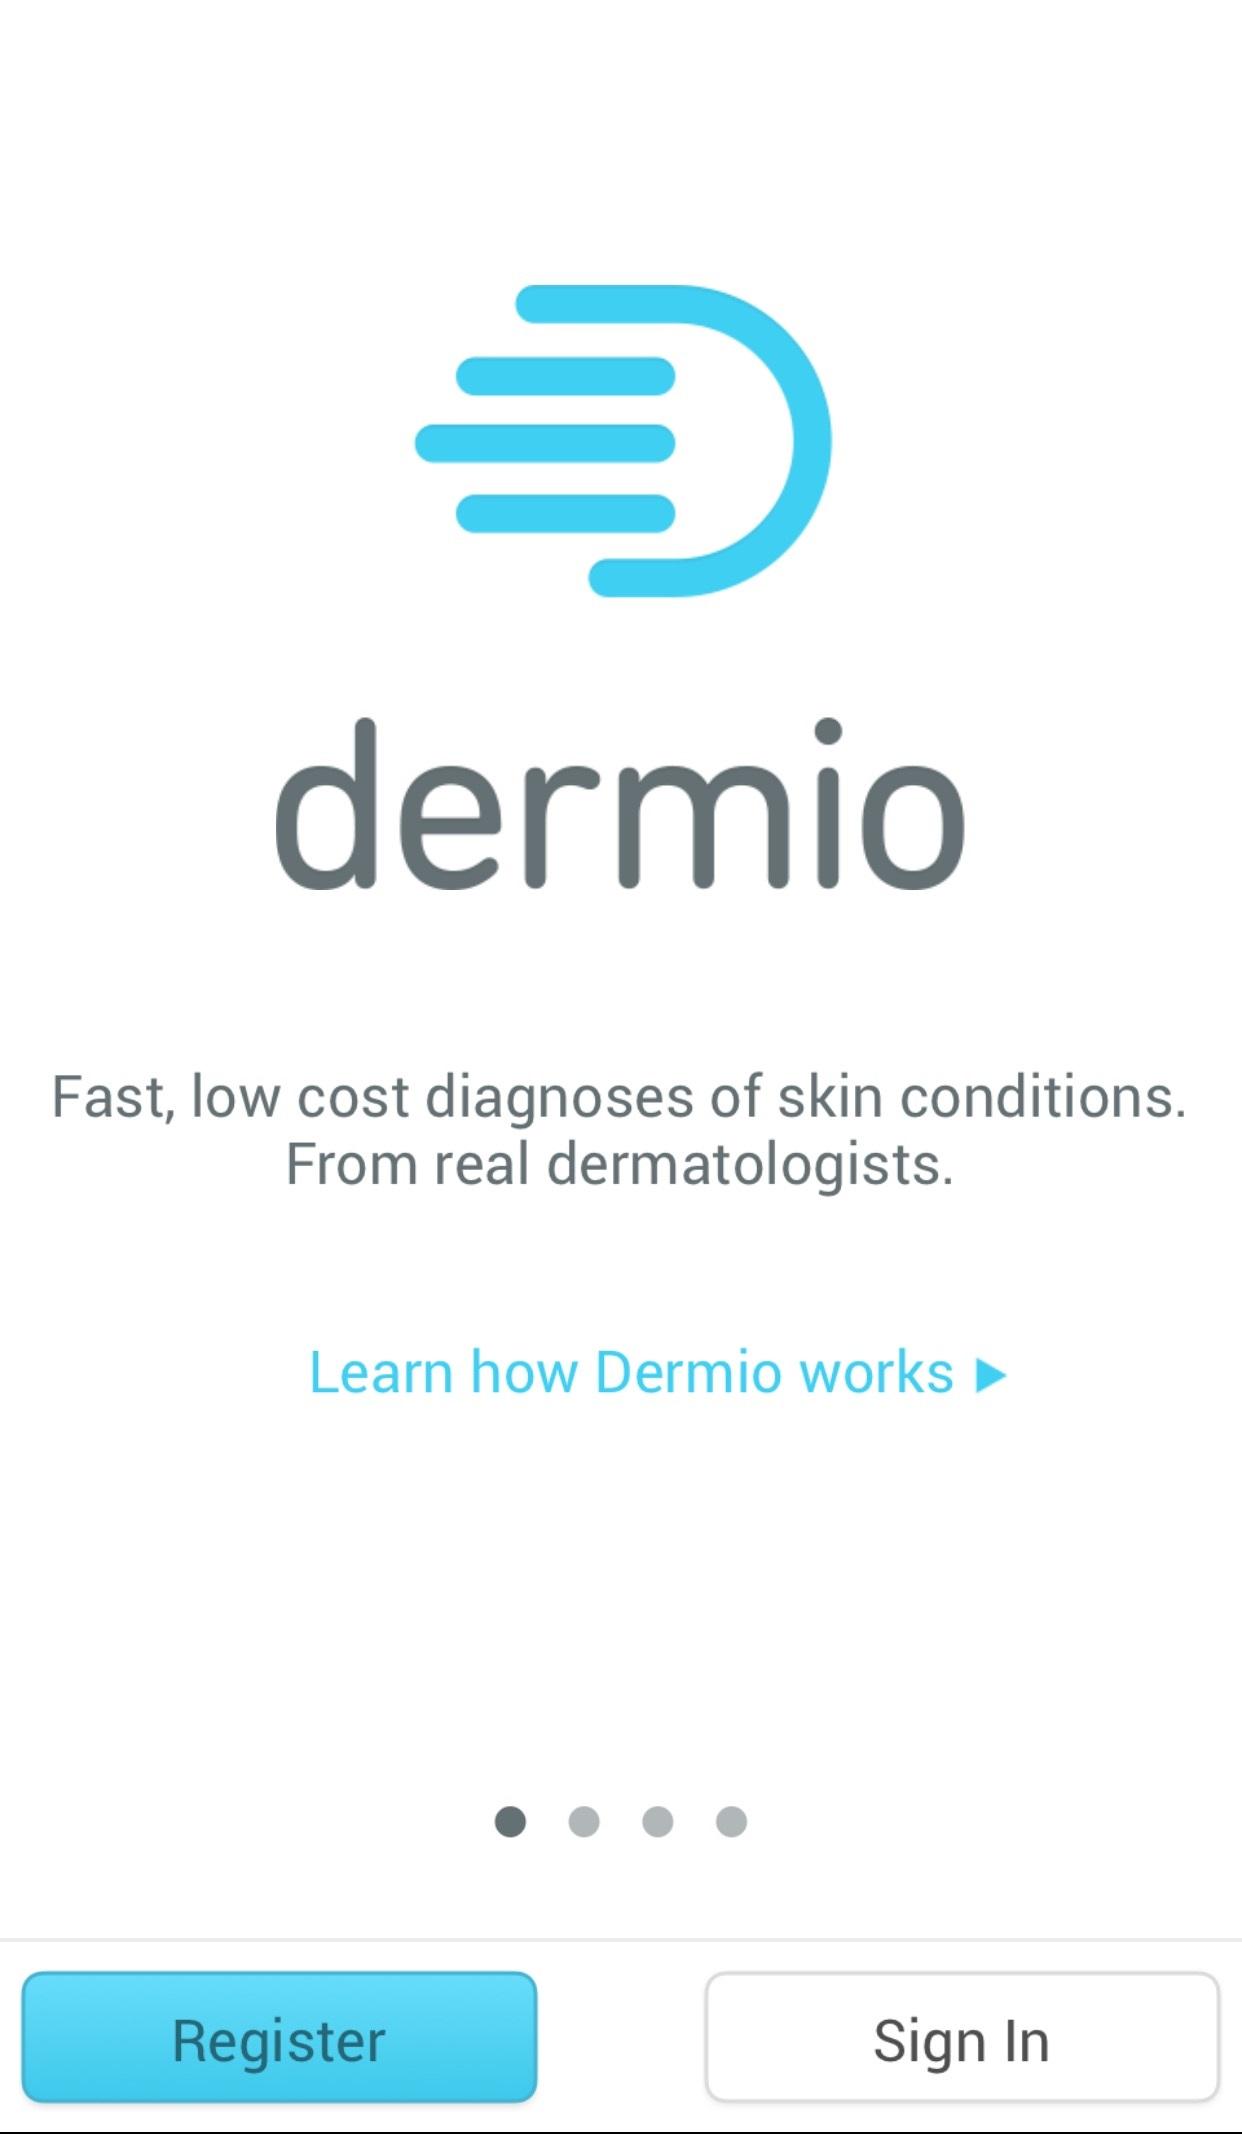 Dermio